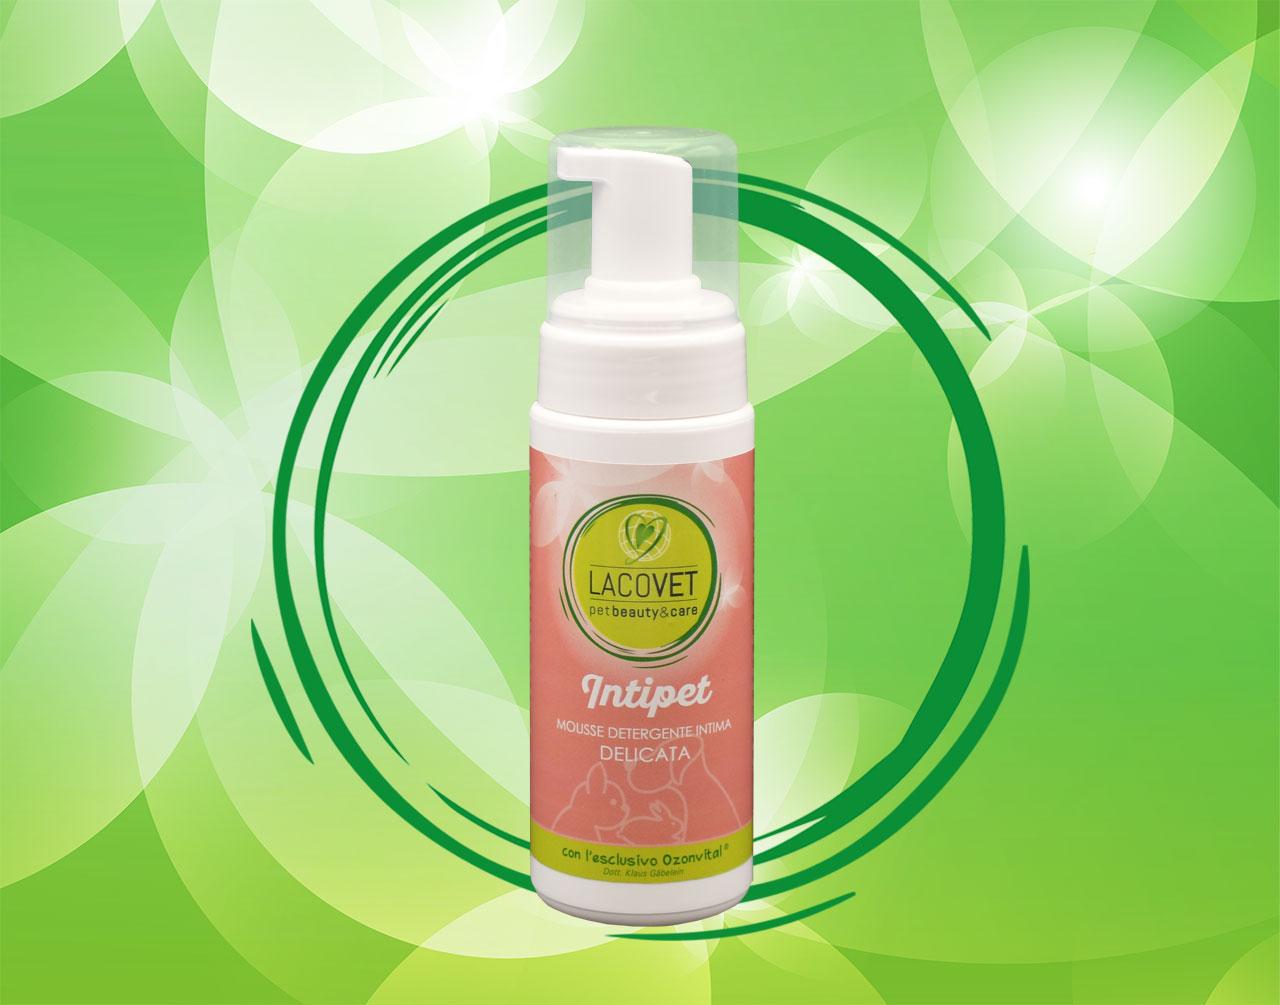 INTIPET mousse detergente intima delicata - LACOVET pet beauty&care